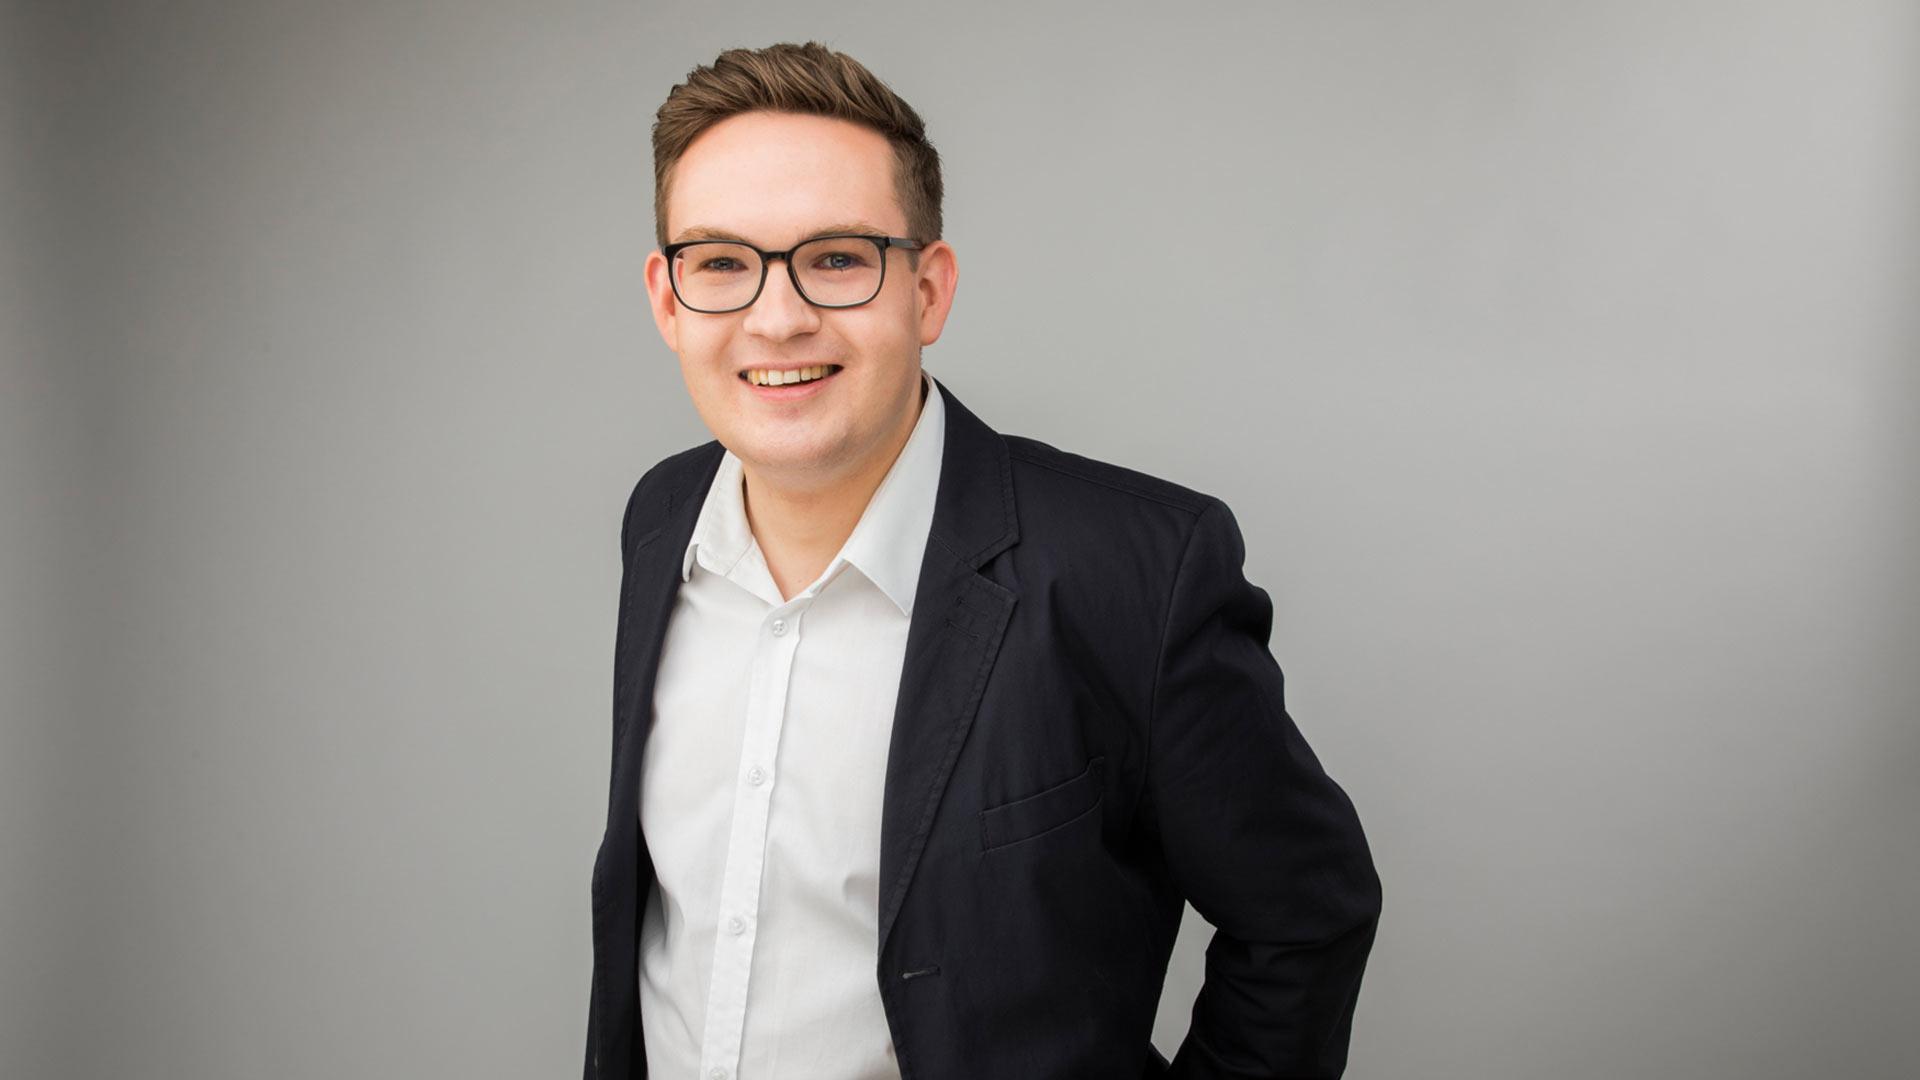 Lennart Hemme ist neuer Chefredakteur von Radio Emscher Lippe. Foto: Westfunk